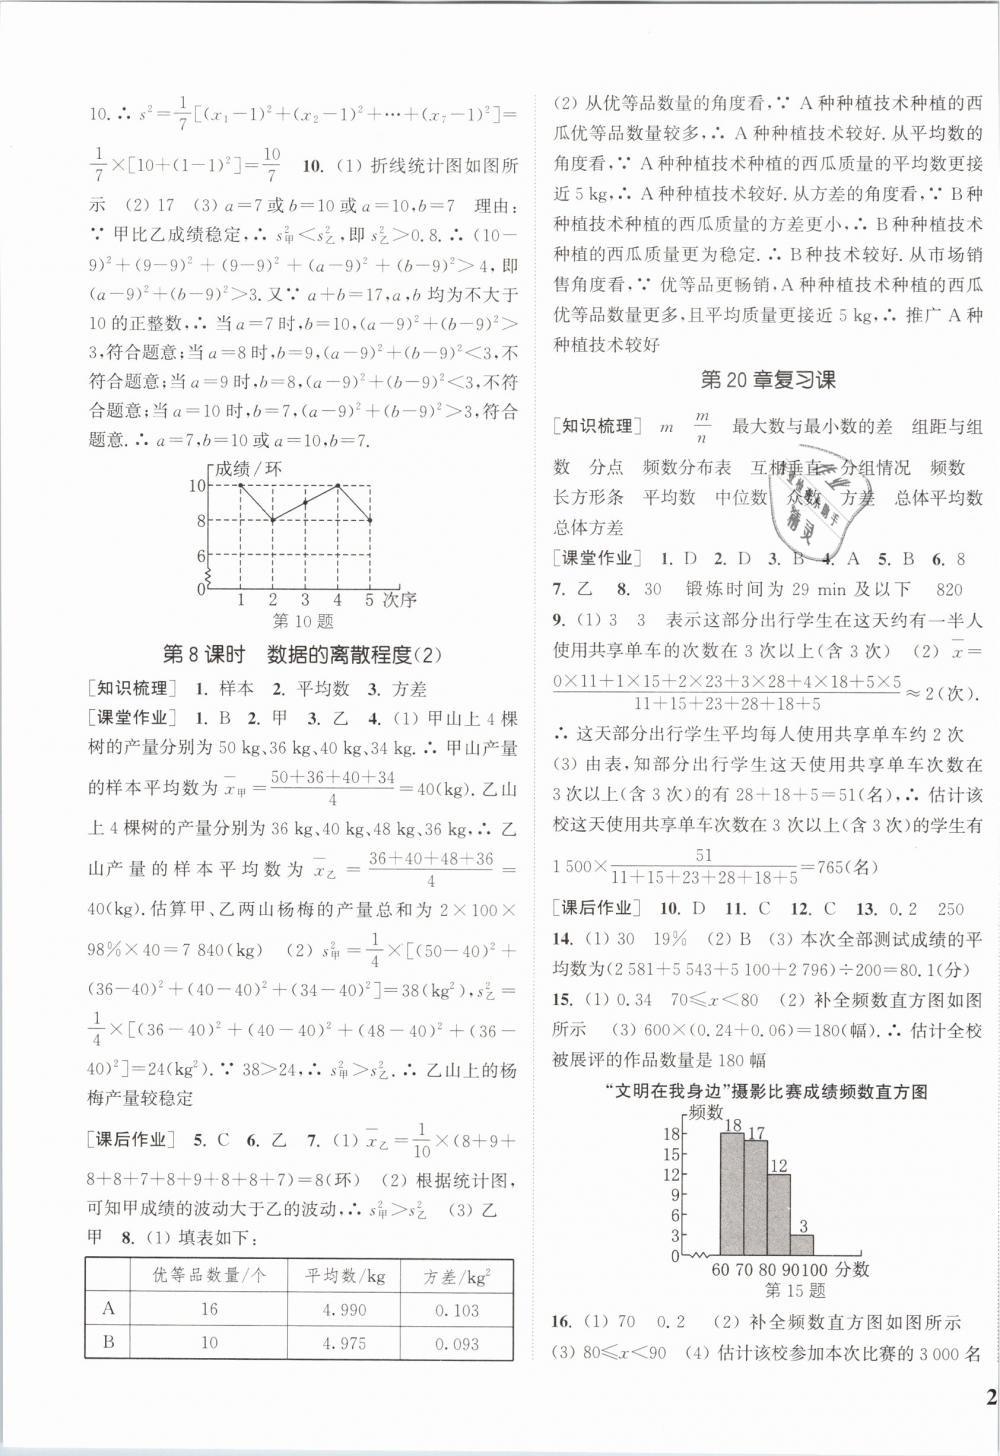 2019年通城学典课时作业本八年级数学下册沪科版第19页